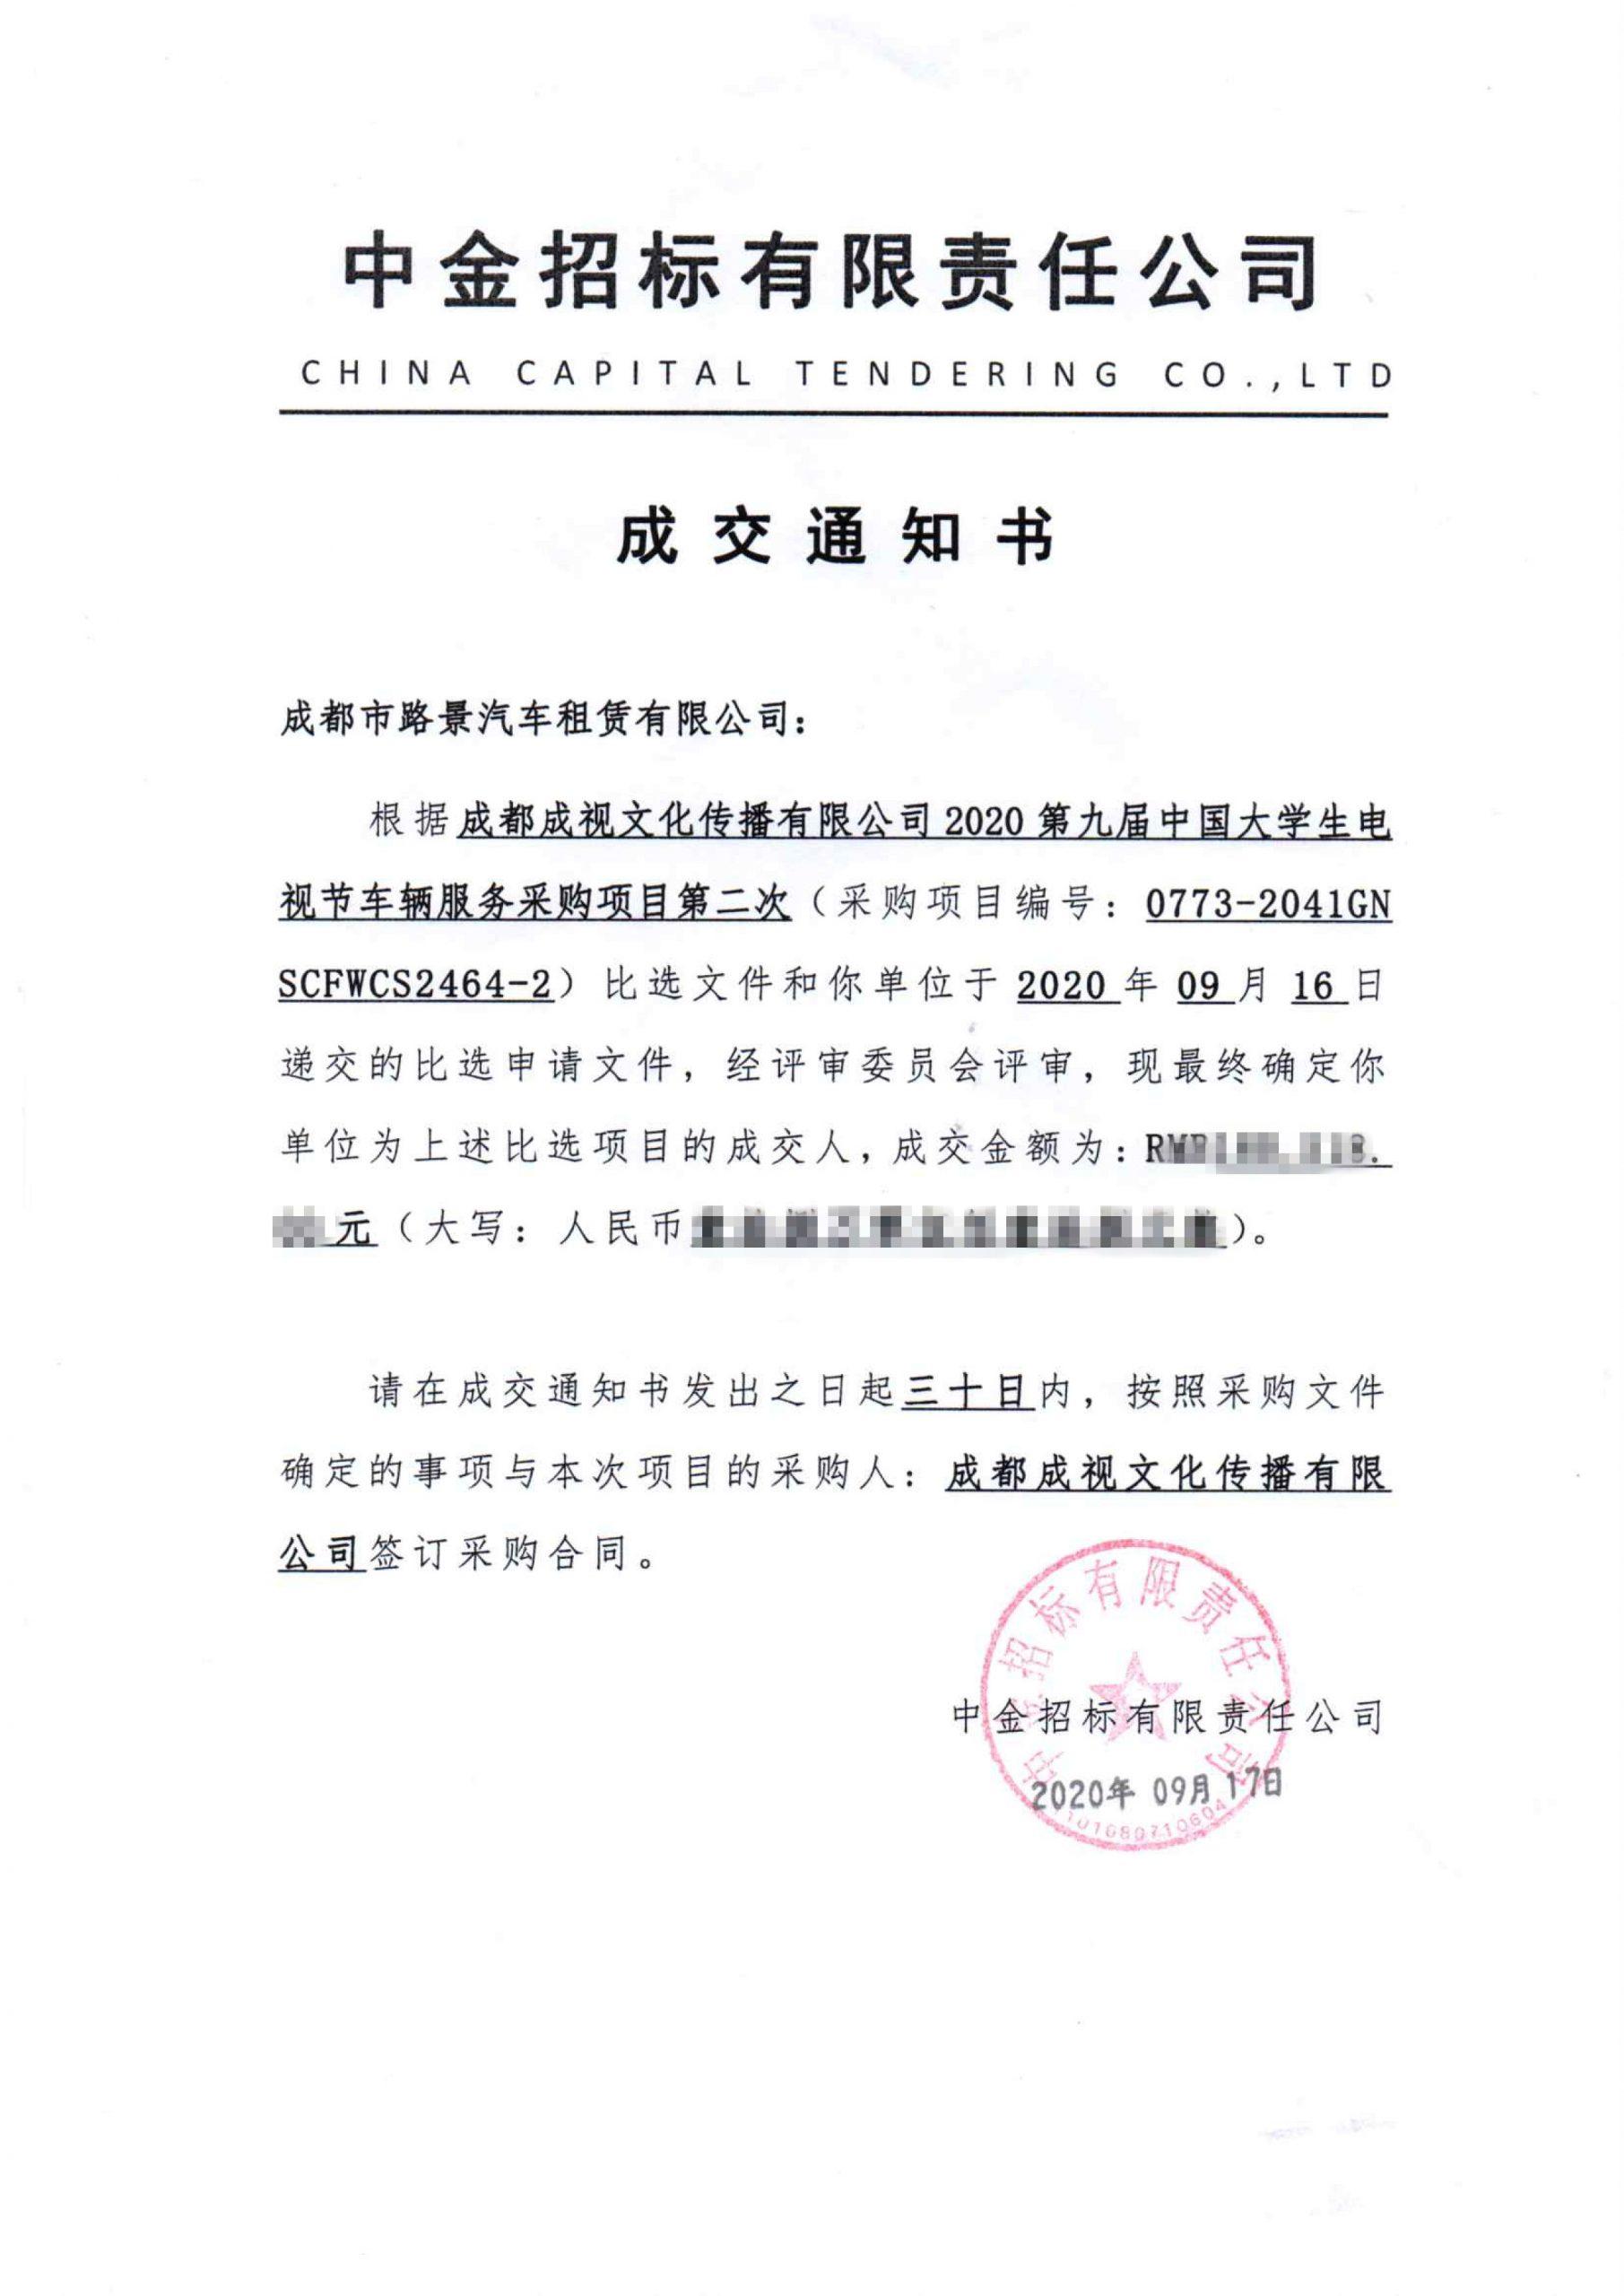 路景中标:2020年第九届中国大学生电视节车辆服务采购项目